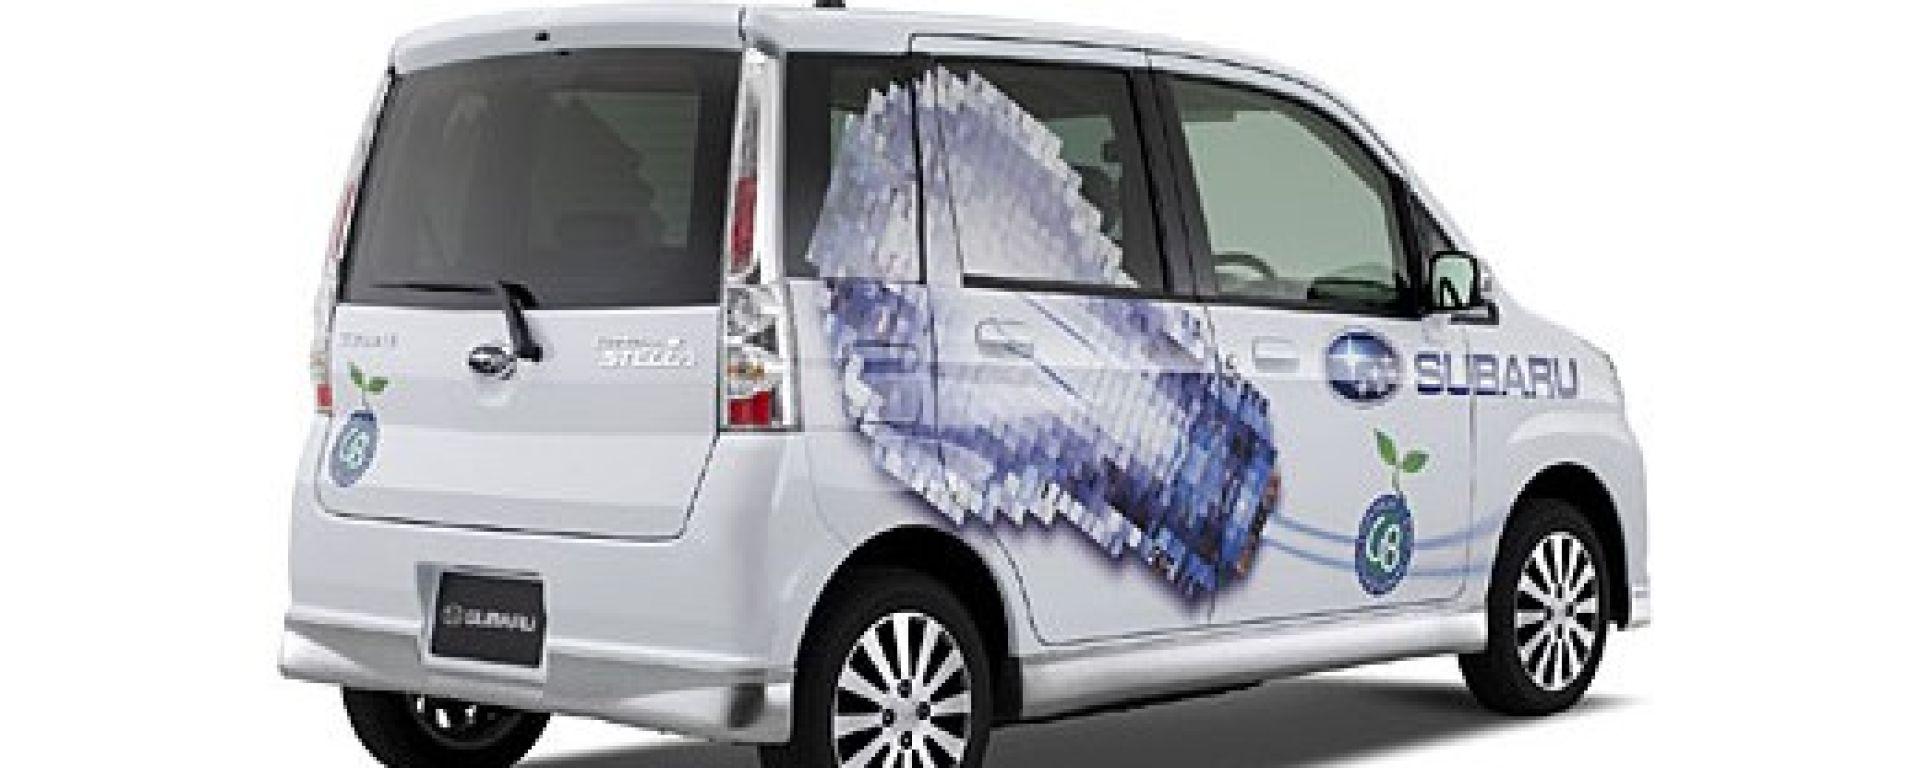 Subaru Stella EV Plug-in